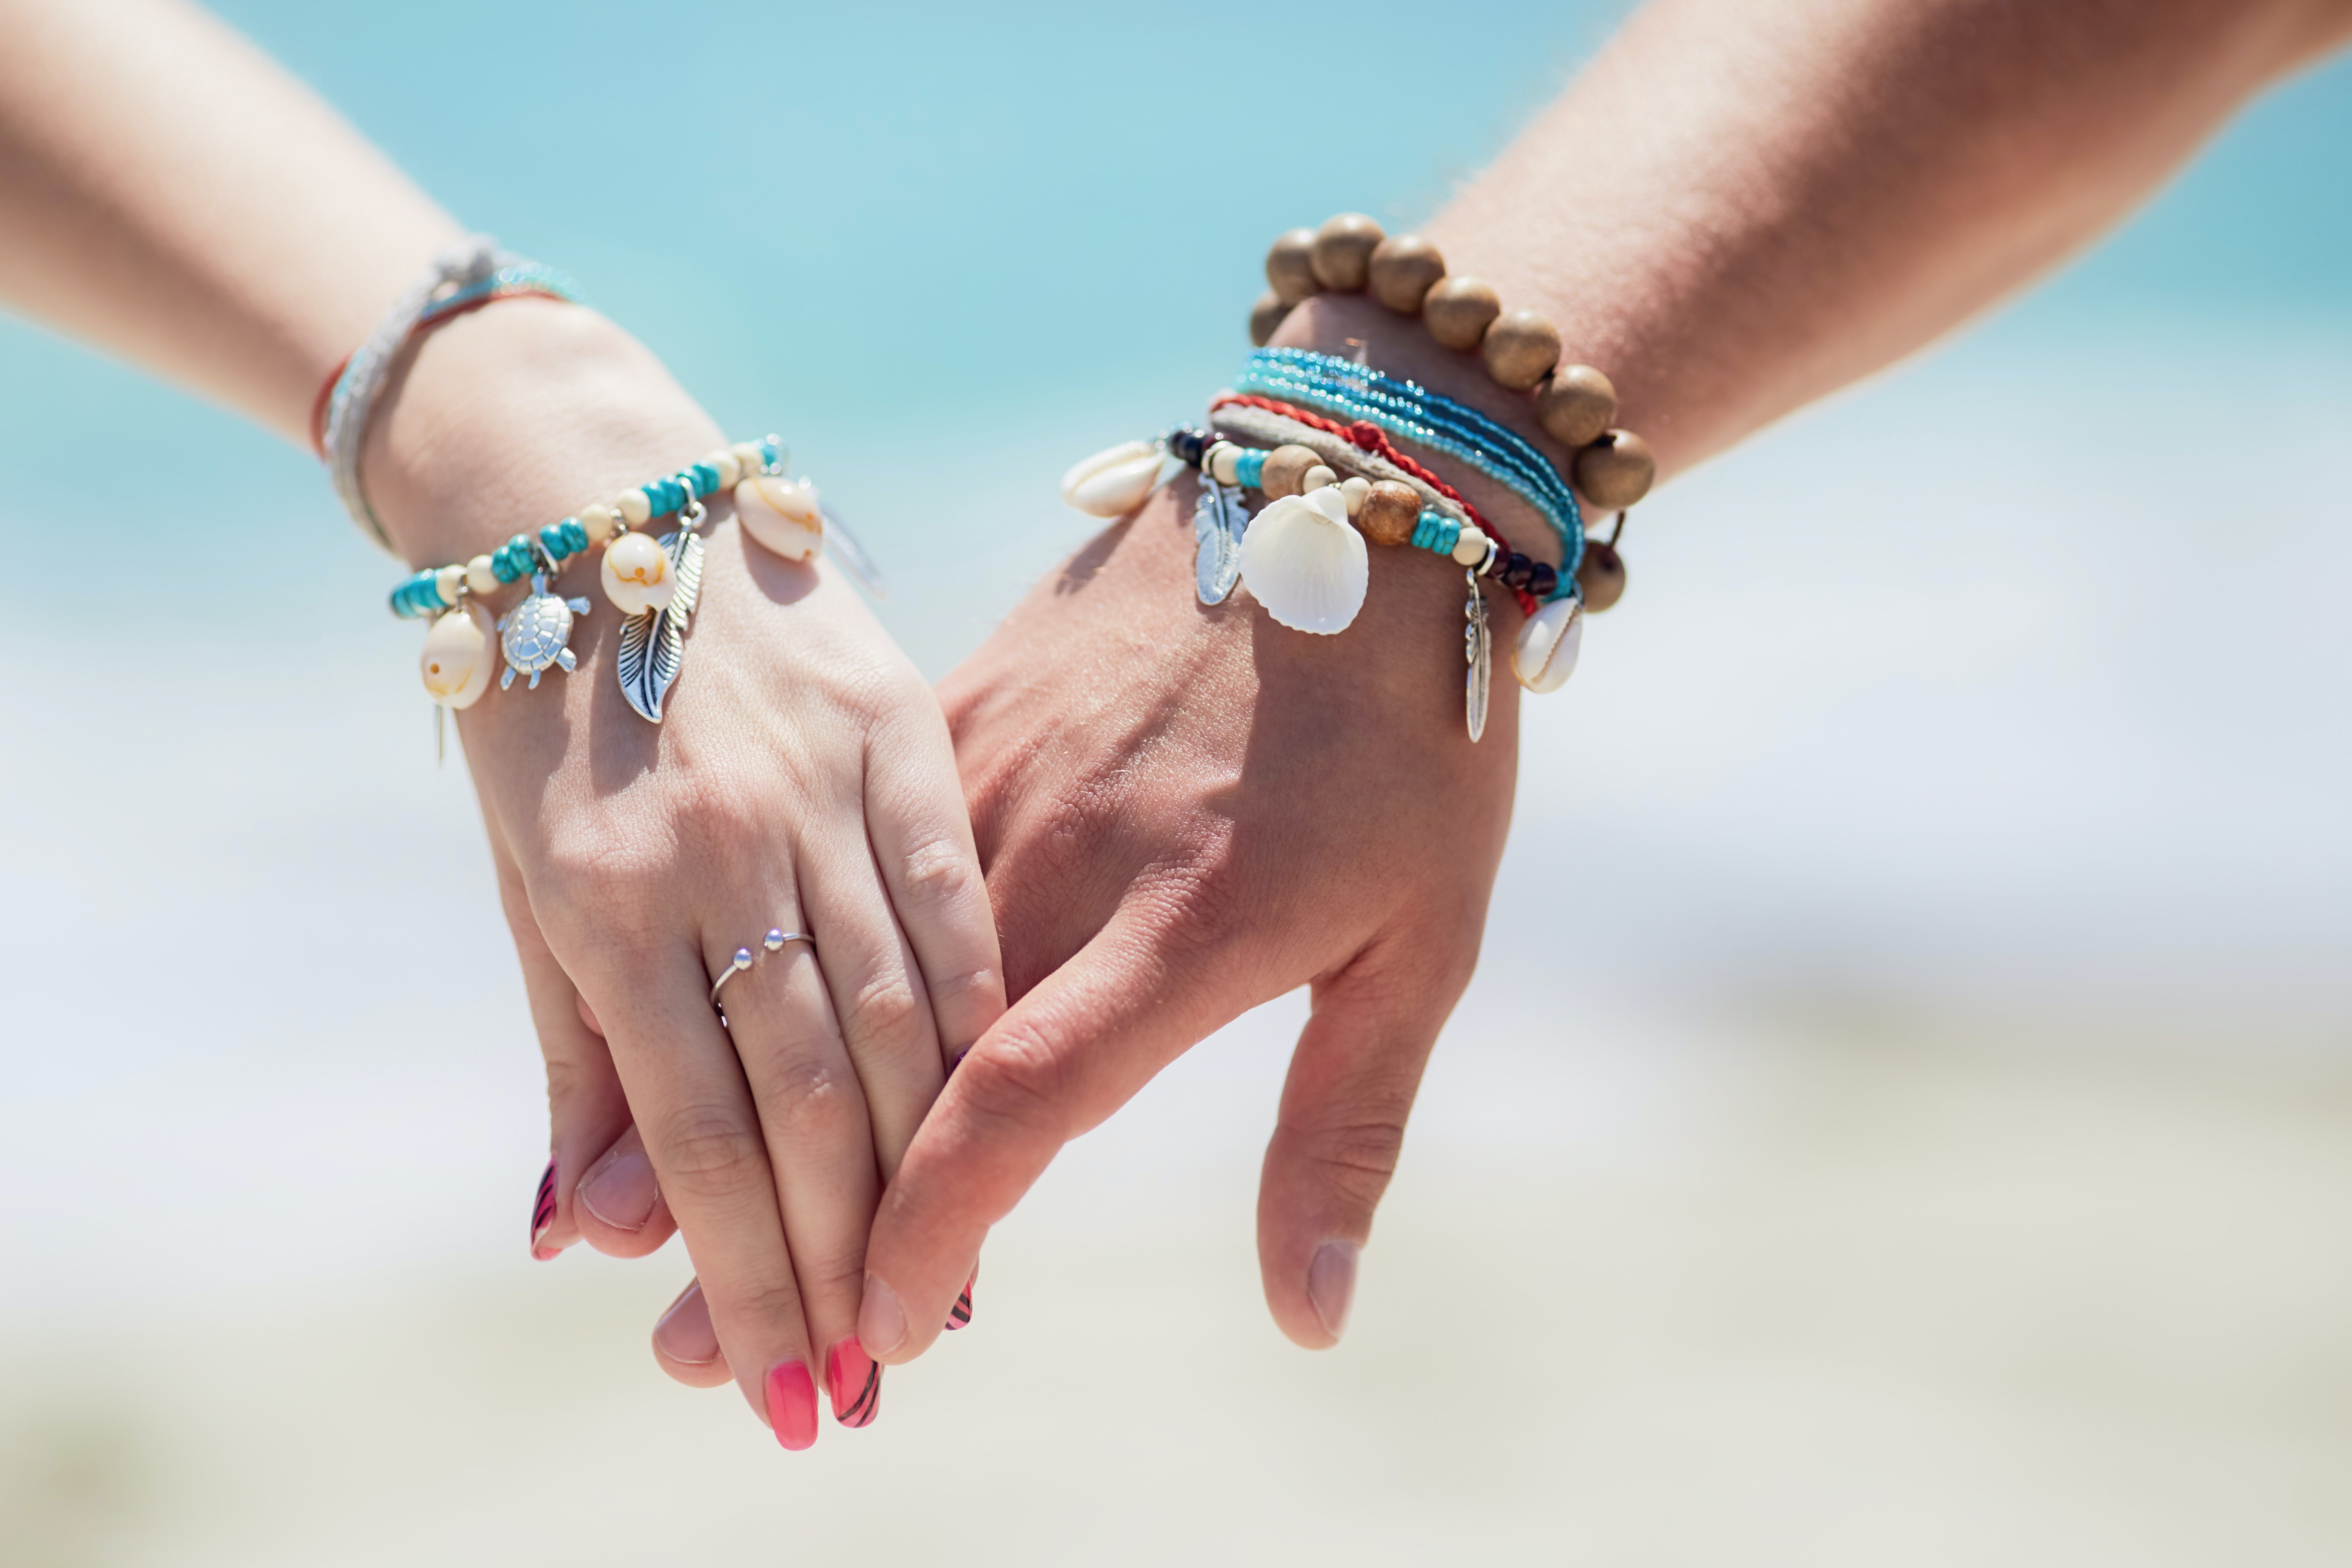 ツインソウルの試練とそれを乗り越える方法|別れや復縁、結婚についてご紹介